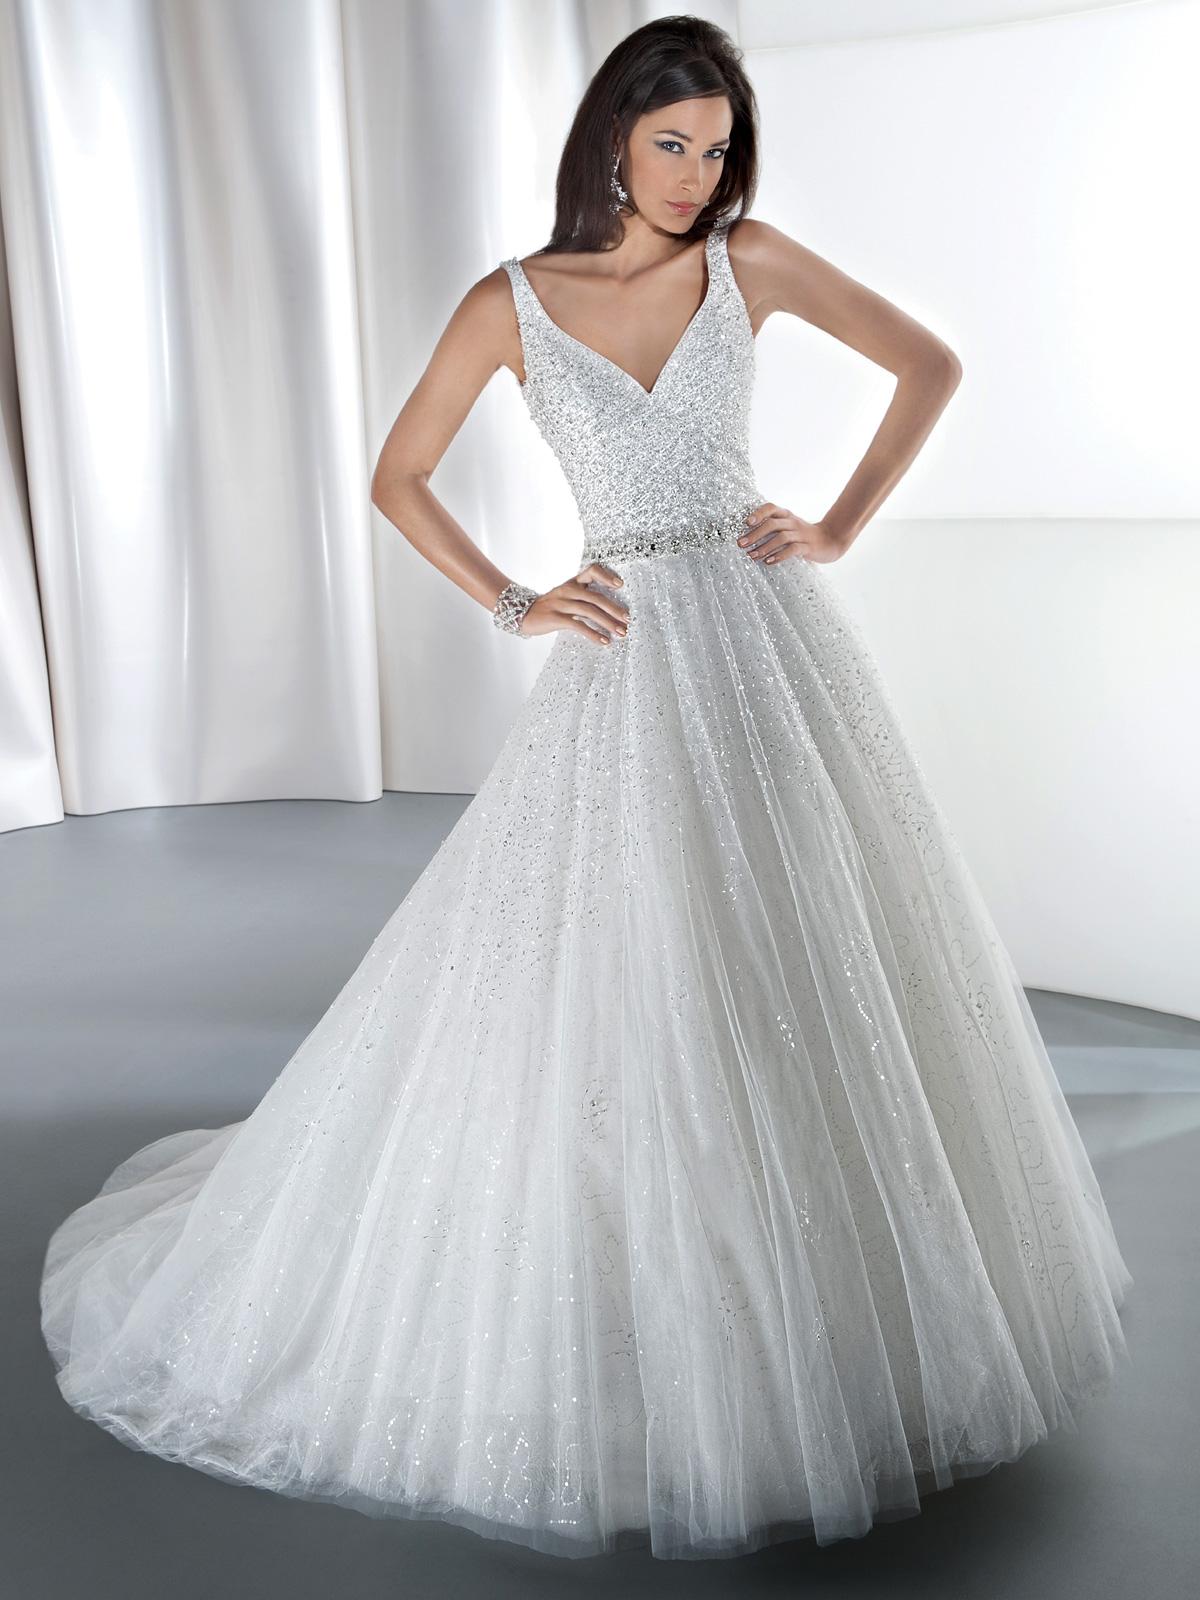 Vestido de Noiva com decote V frente e costas, corpo e saia rebordados em pedraria, confeccionado em tule, leve cauda.